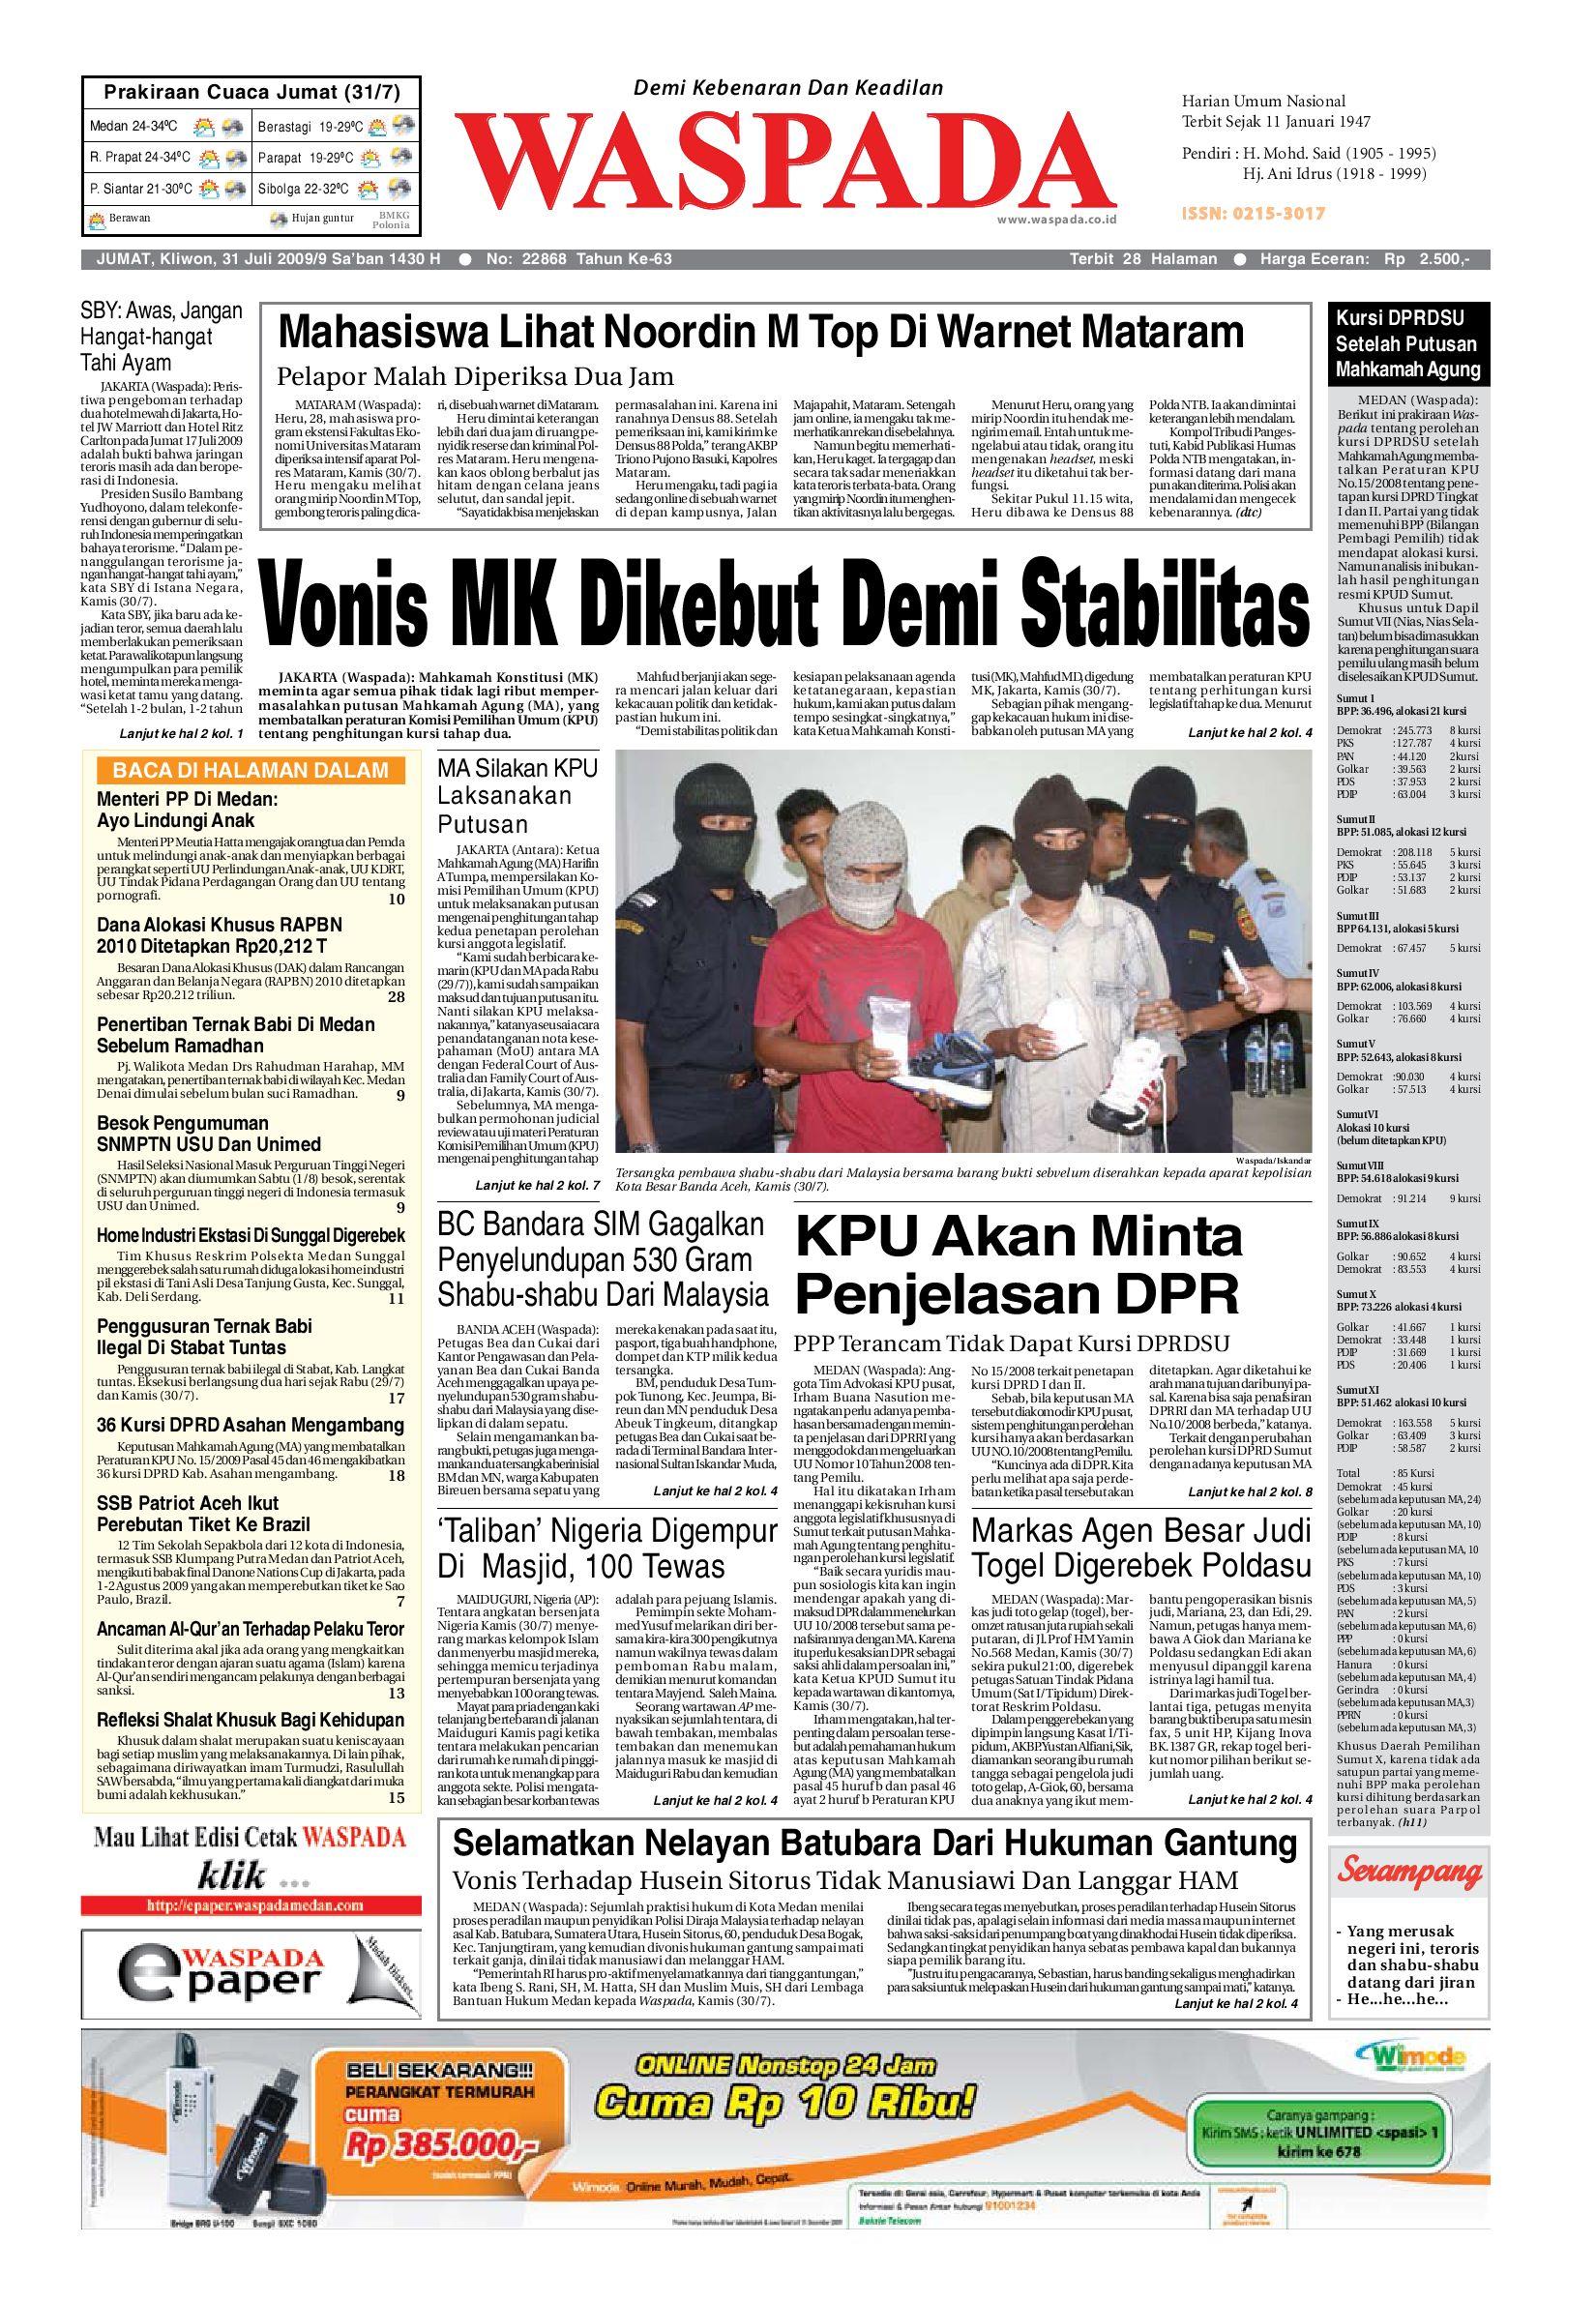 waspada sabtu 23 juli 2010 by harian waspada issuu